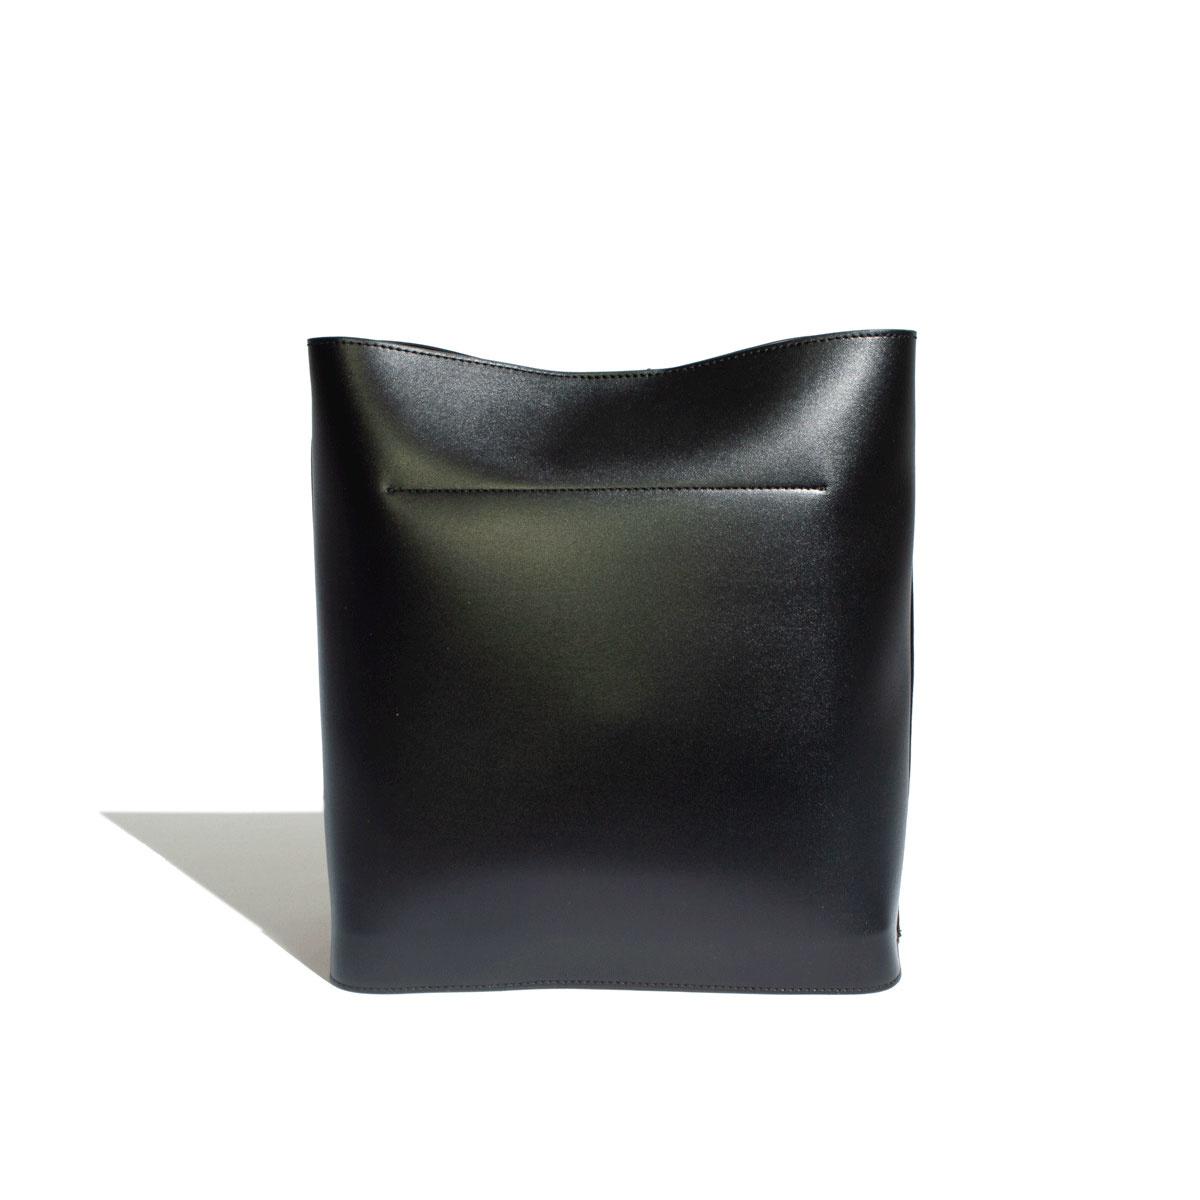 Trisha Crossbody Bag - Black-2